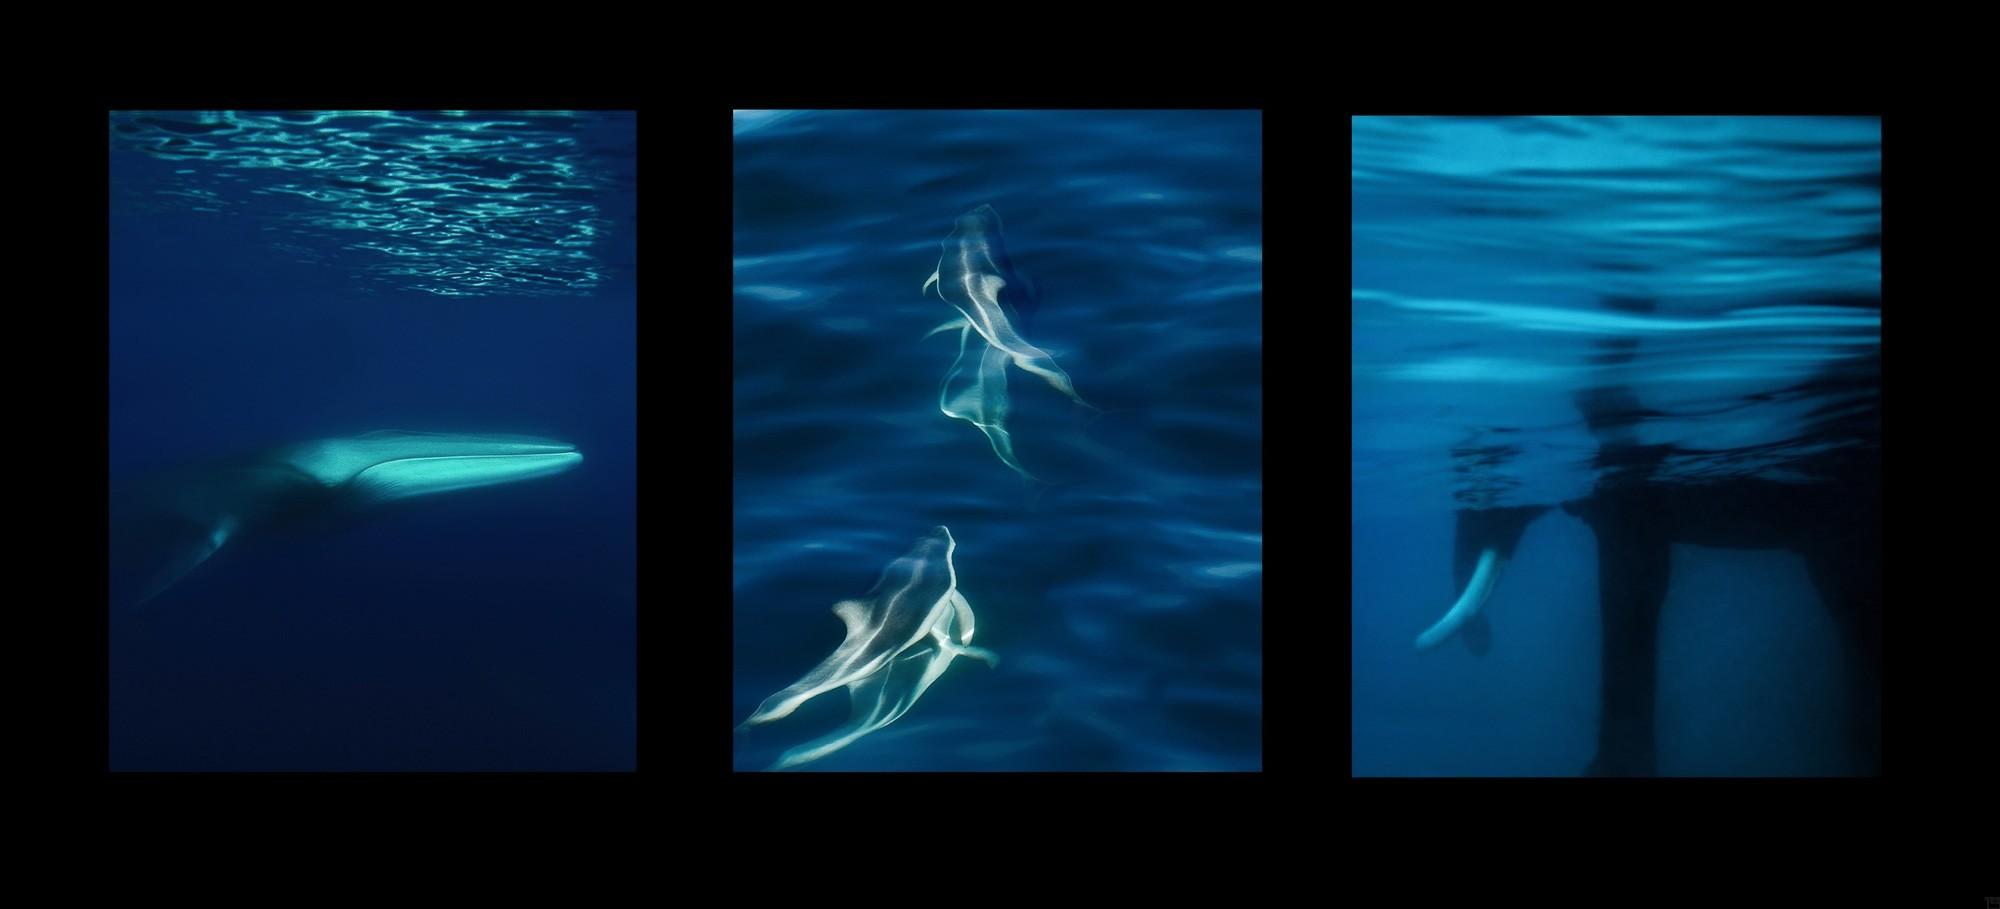 Oceans 1 - 3 | Fotografiecollagen von Finkbeiner & Salm, Direktdruck auf Alu-Dibond, limitierte Edition 50+2 - 02